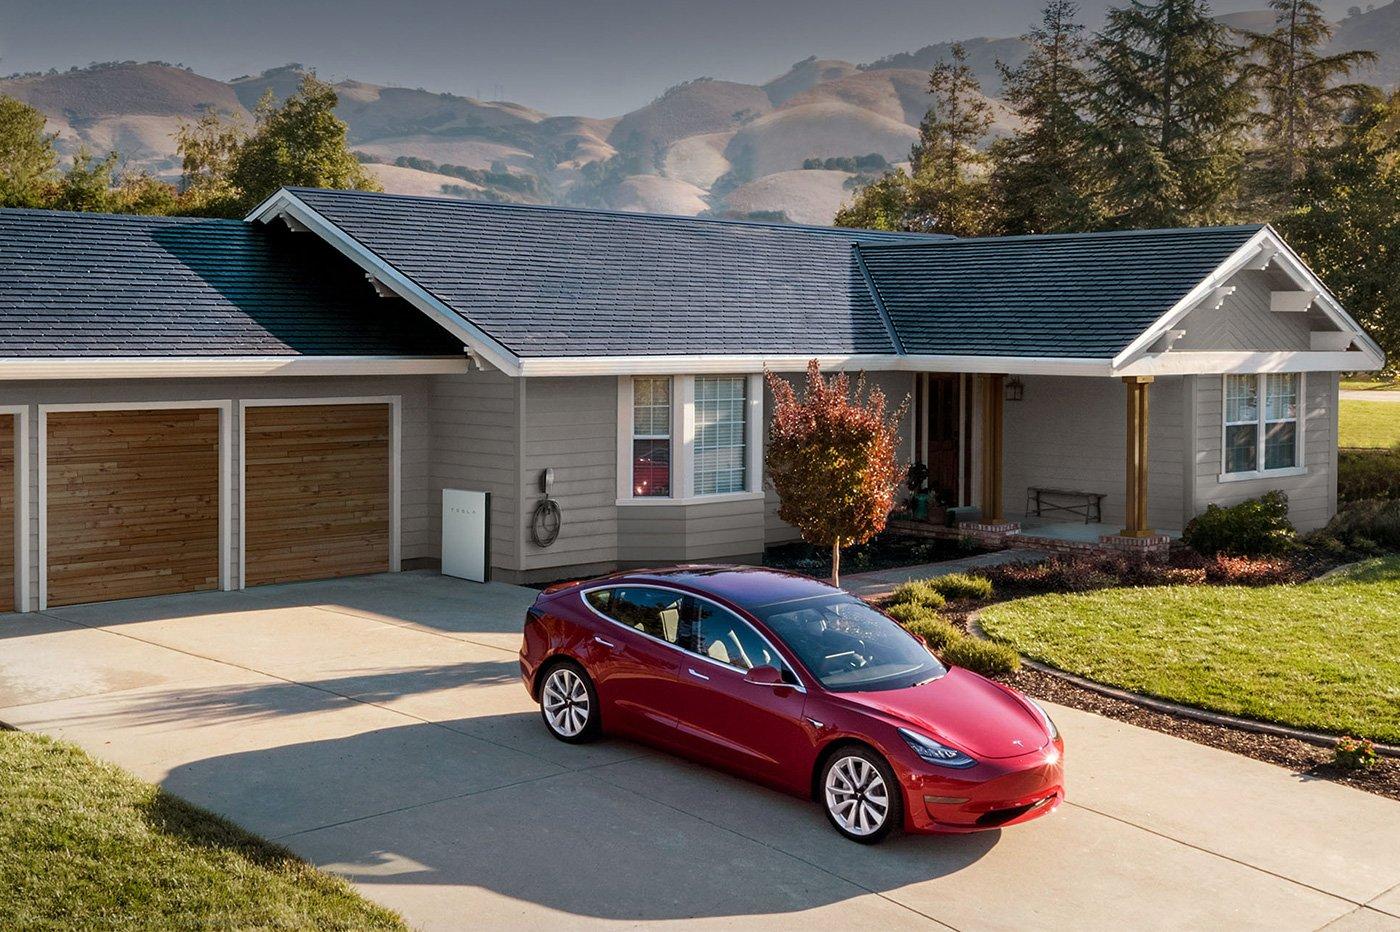 Walmart poursuit Tesla pour plusieurs incendies causés par ses panneaux solaires